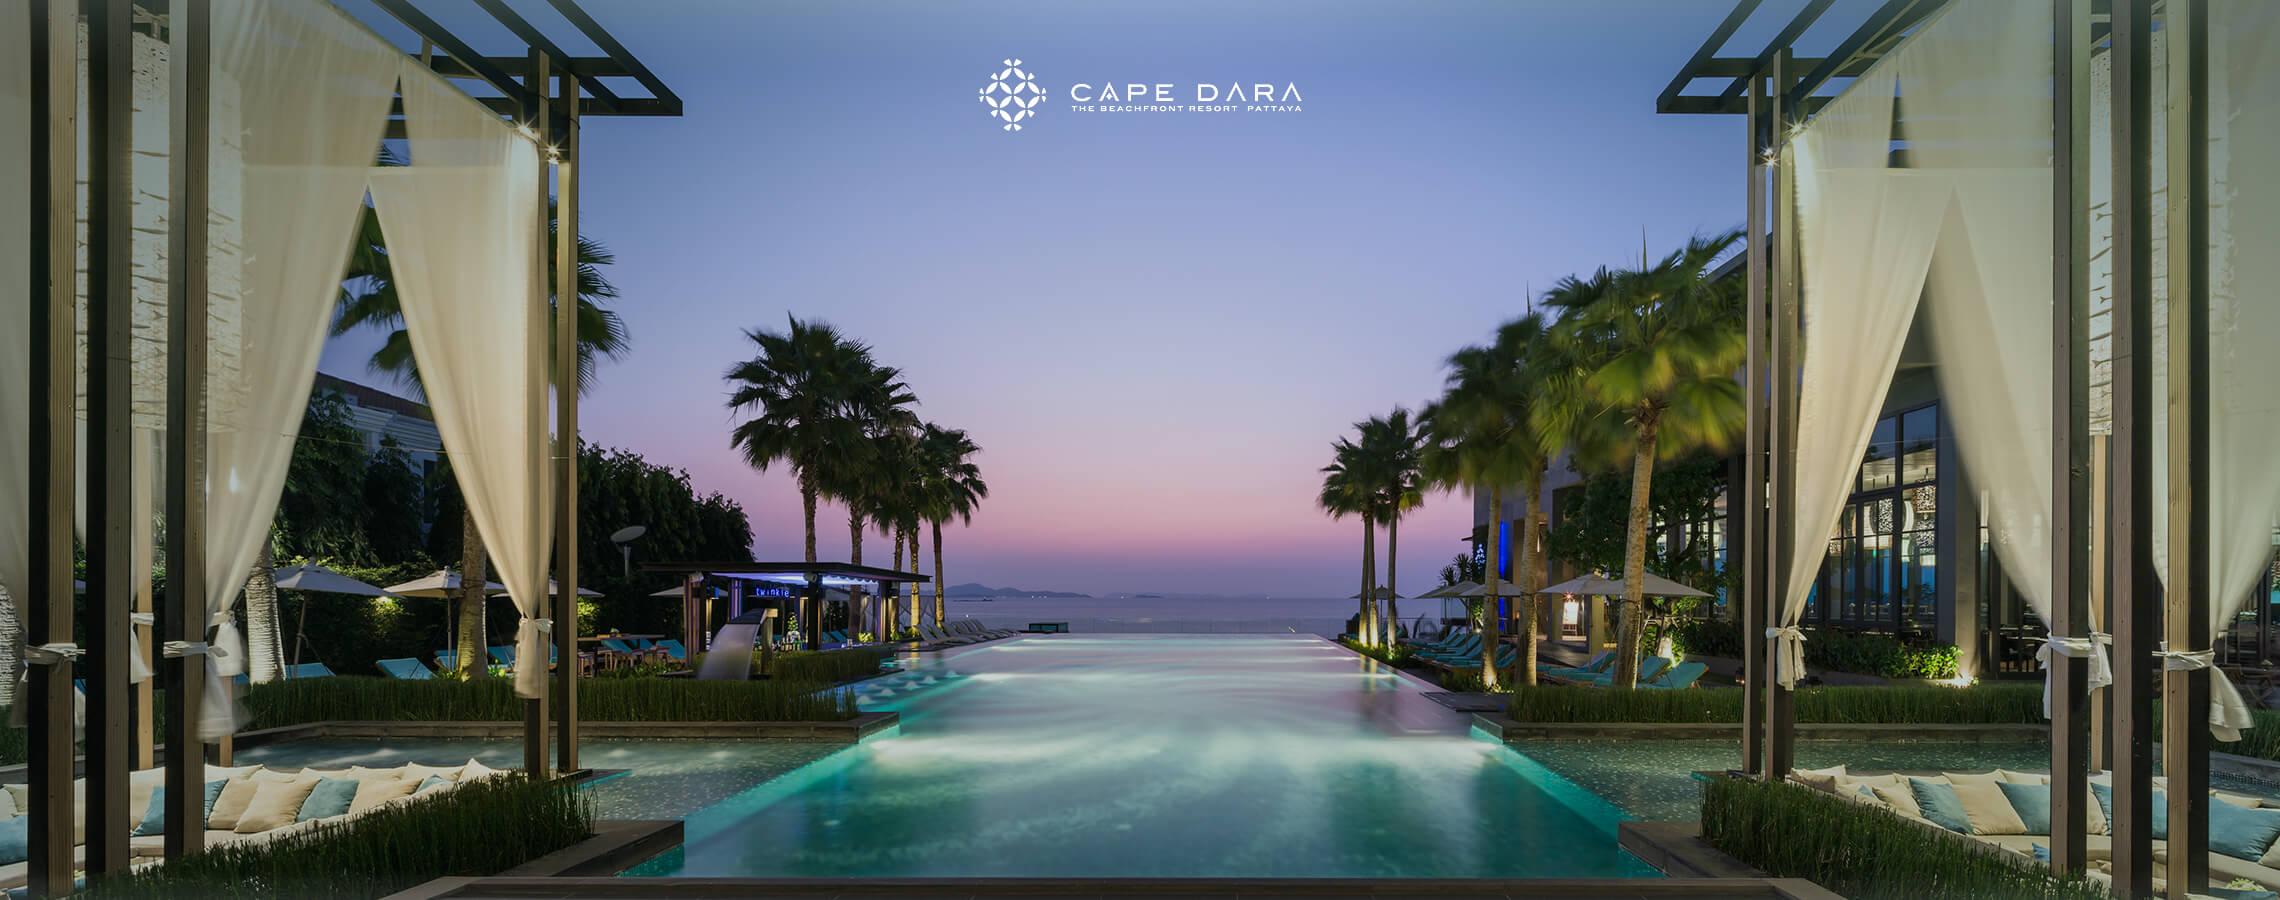 บรรยากาศยามพลบค่ำของ Cape Dara Resort